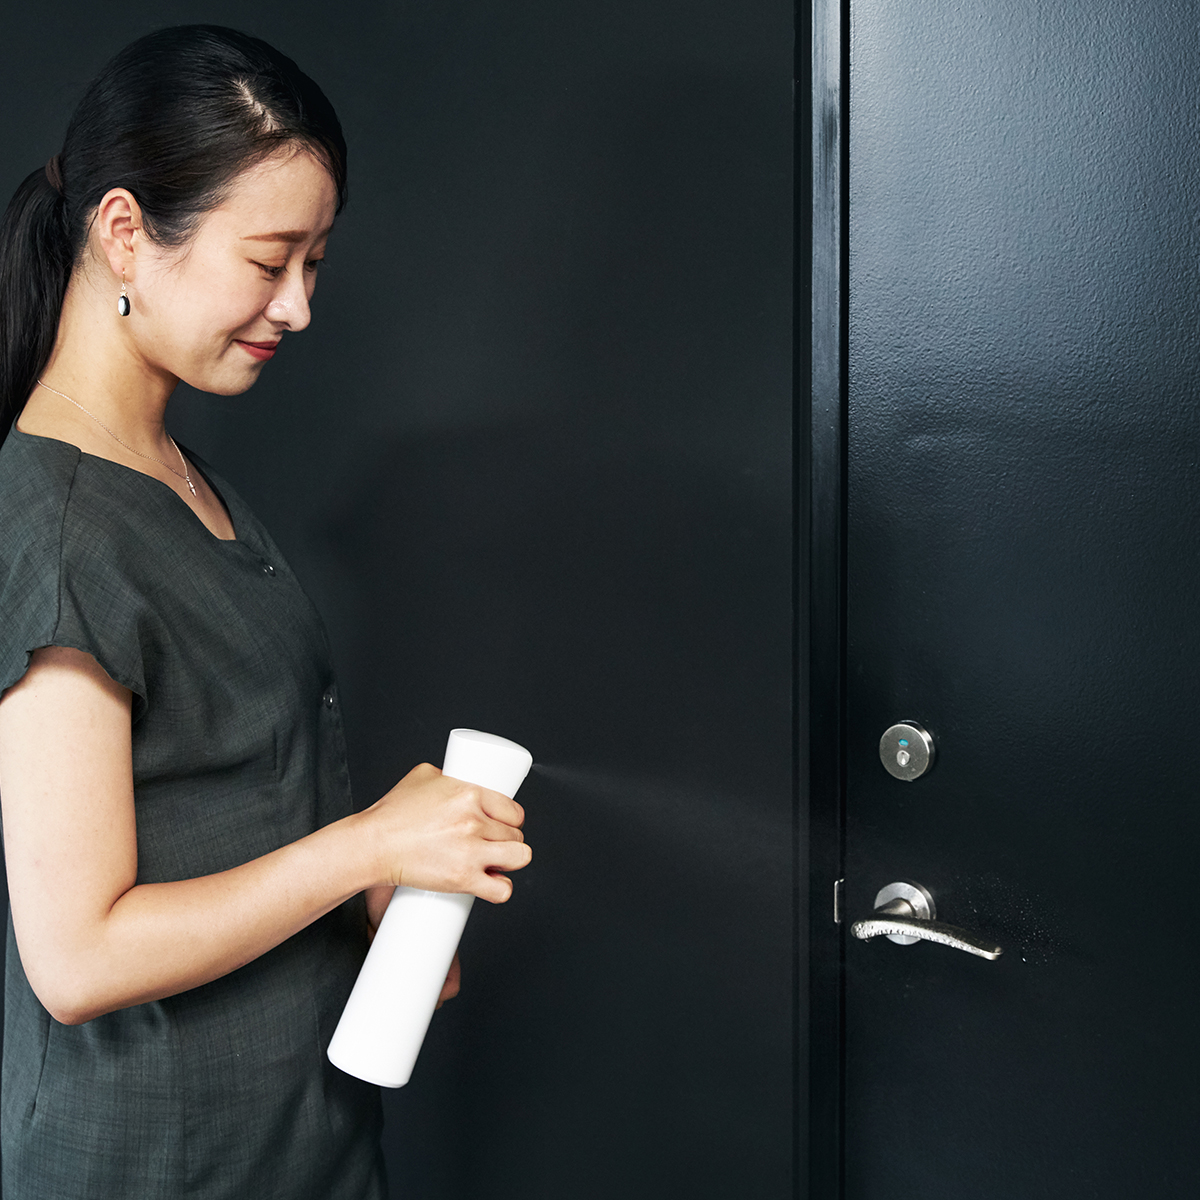 暑さに湿気、おうち時間が増えて、あっという間に、水回りはピンク汚れとカビ、玄関やトイレは匂うし、ソファは汗でじっとり。これからは、掃除の後に『CELSION(セルシオン)』で、抗菌コートの習慣を。「マイクロミストスプレー」|CELSION(セルシオン)